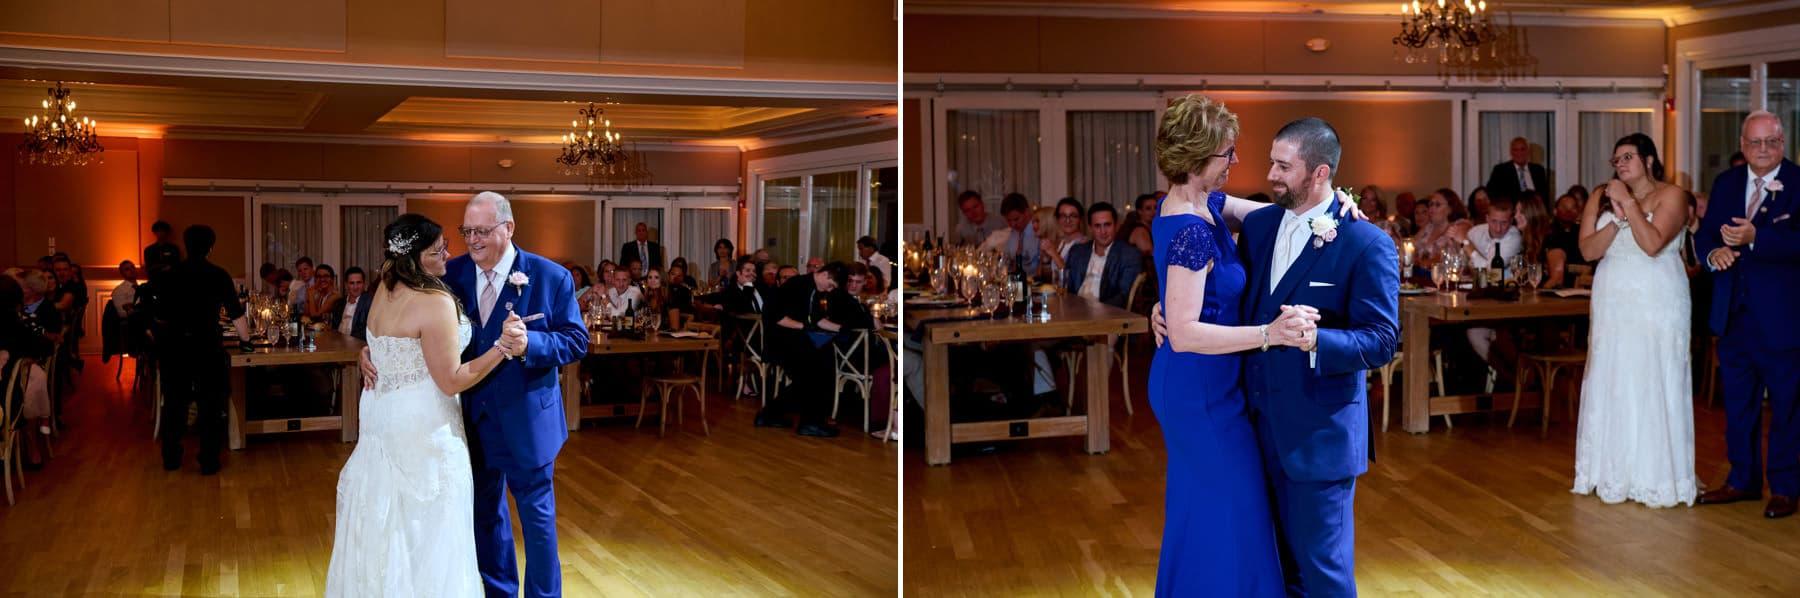 wedding parent dance photos at bear brook valley